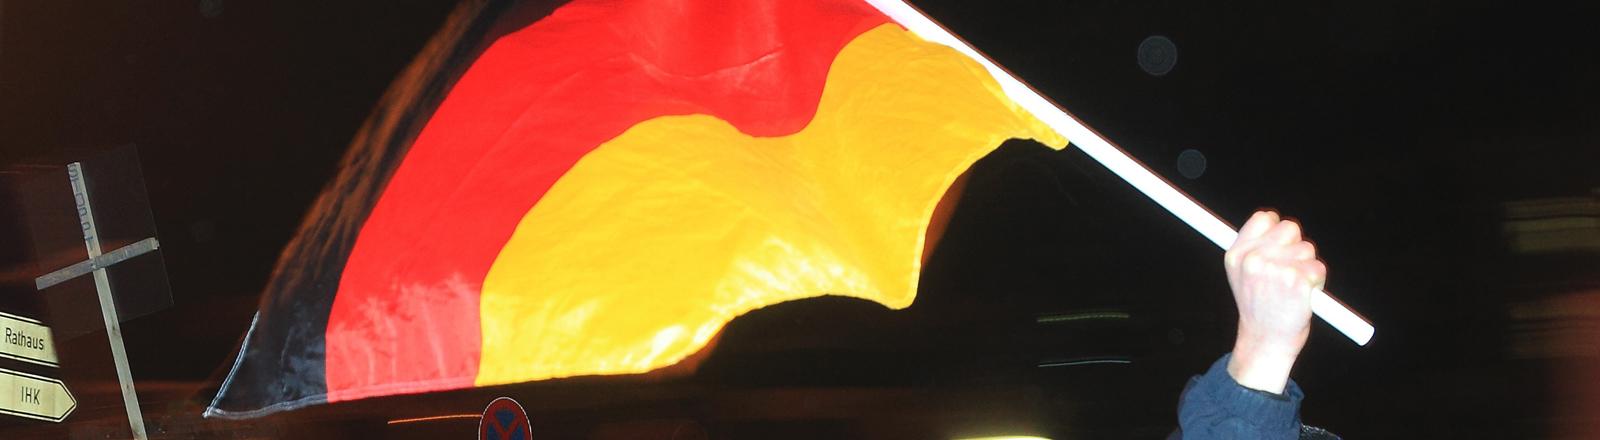 Magida-Anhänger mit Deutschlandflagge in Magdeburg